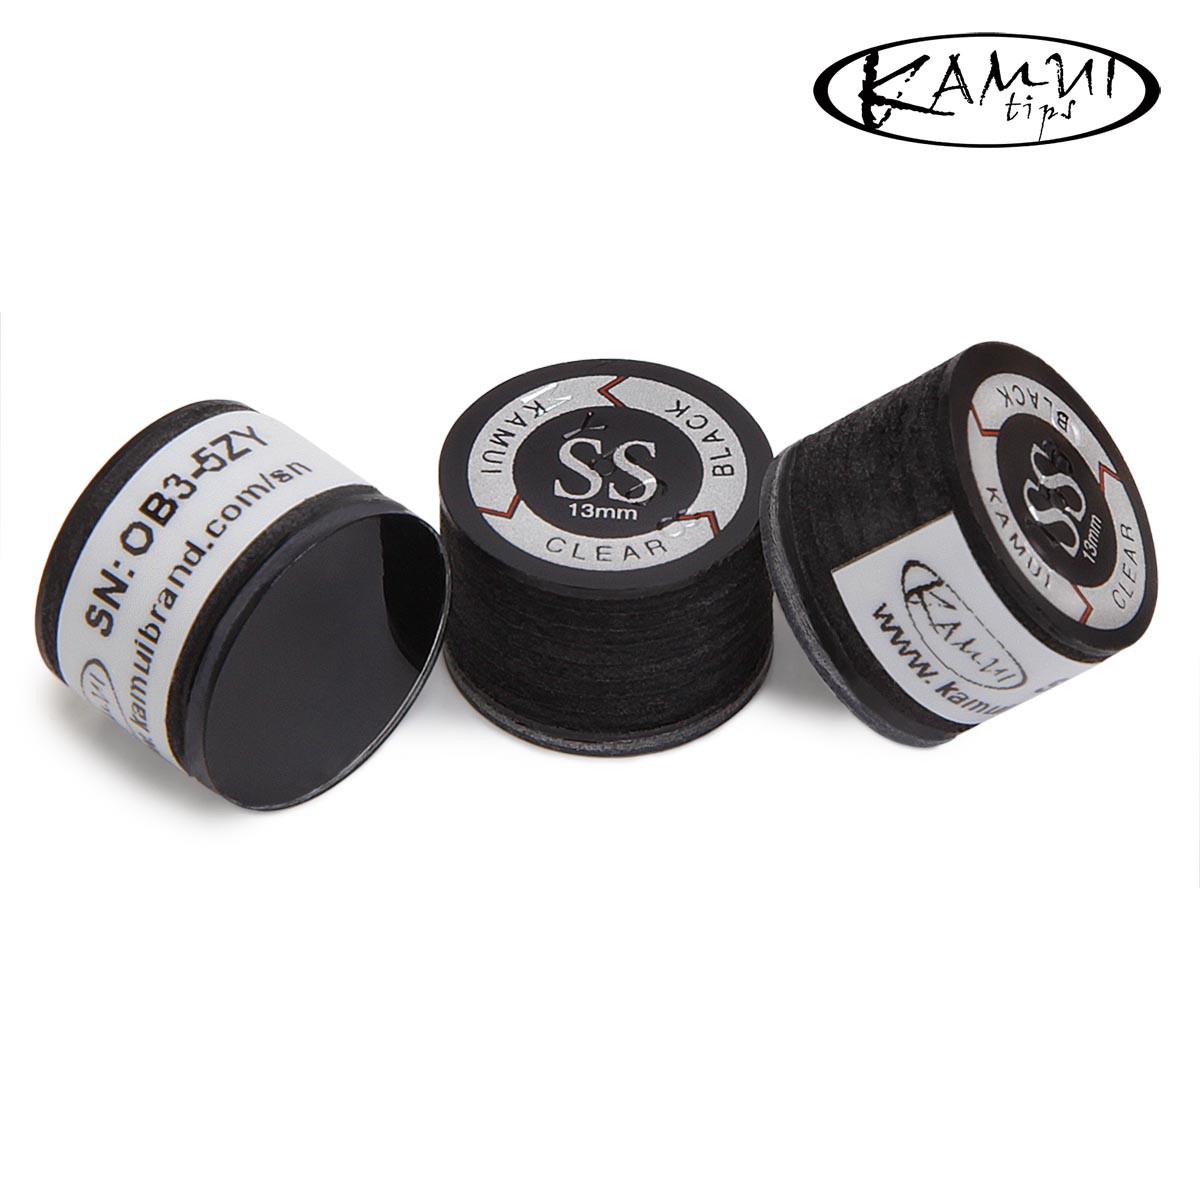 Наклейка для кия Kamui Clear Black ø13мм Super Soft 1шт.